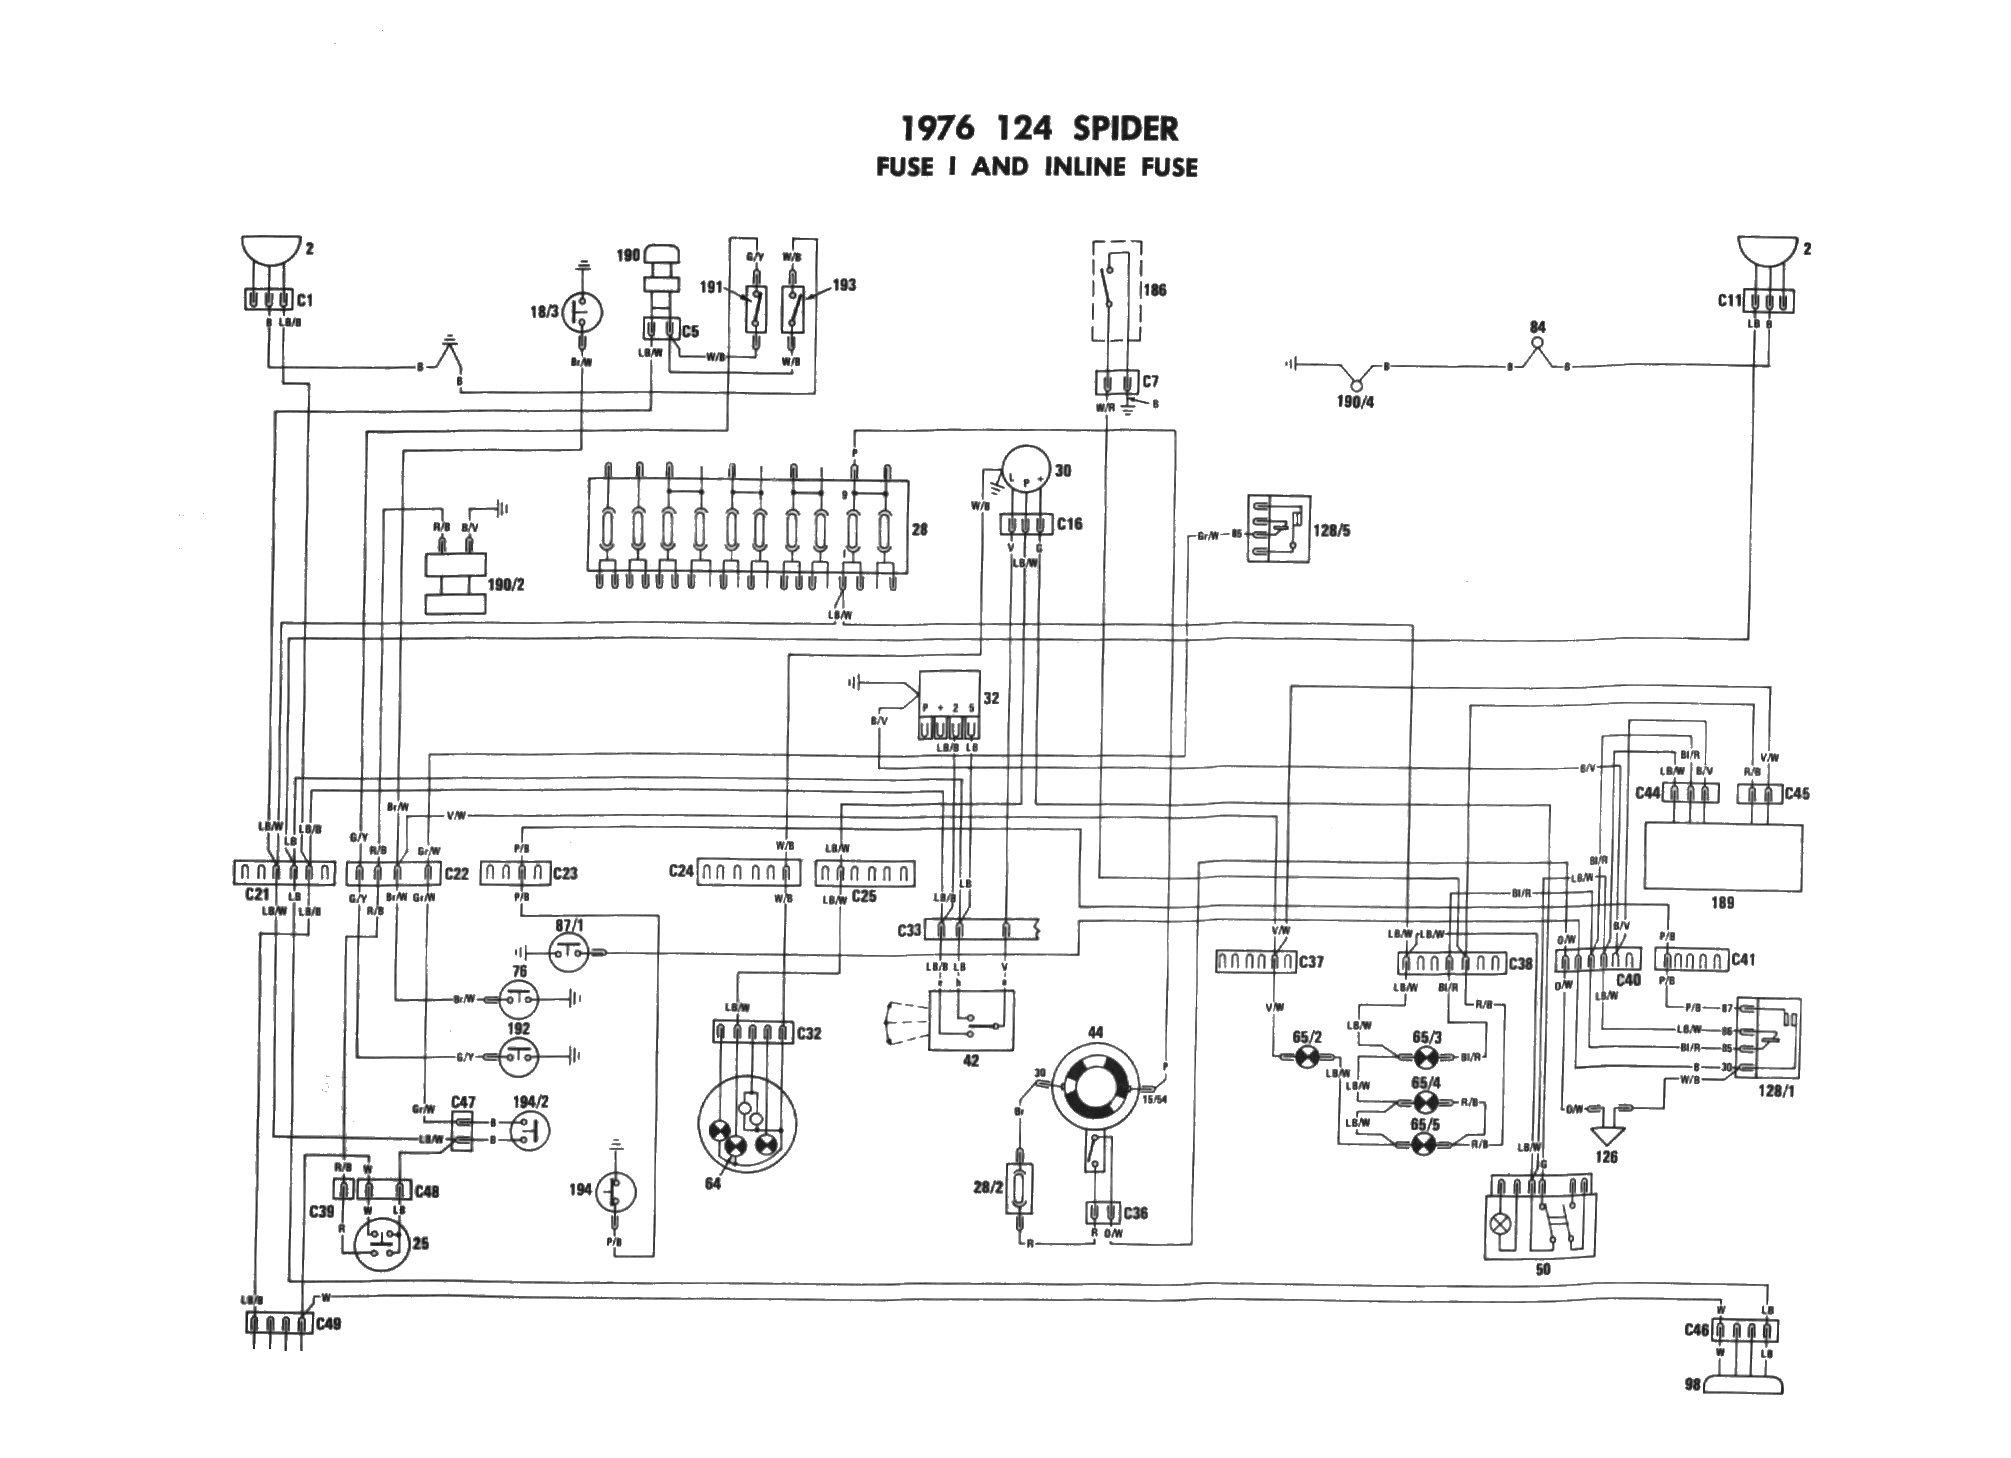 wiring a fiat 128 - wiring diagram side-ware -  side-ware.cinemamanzonicasarano.it  cinemamanzonicasarano.it